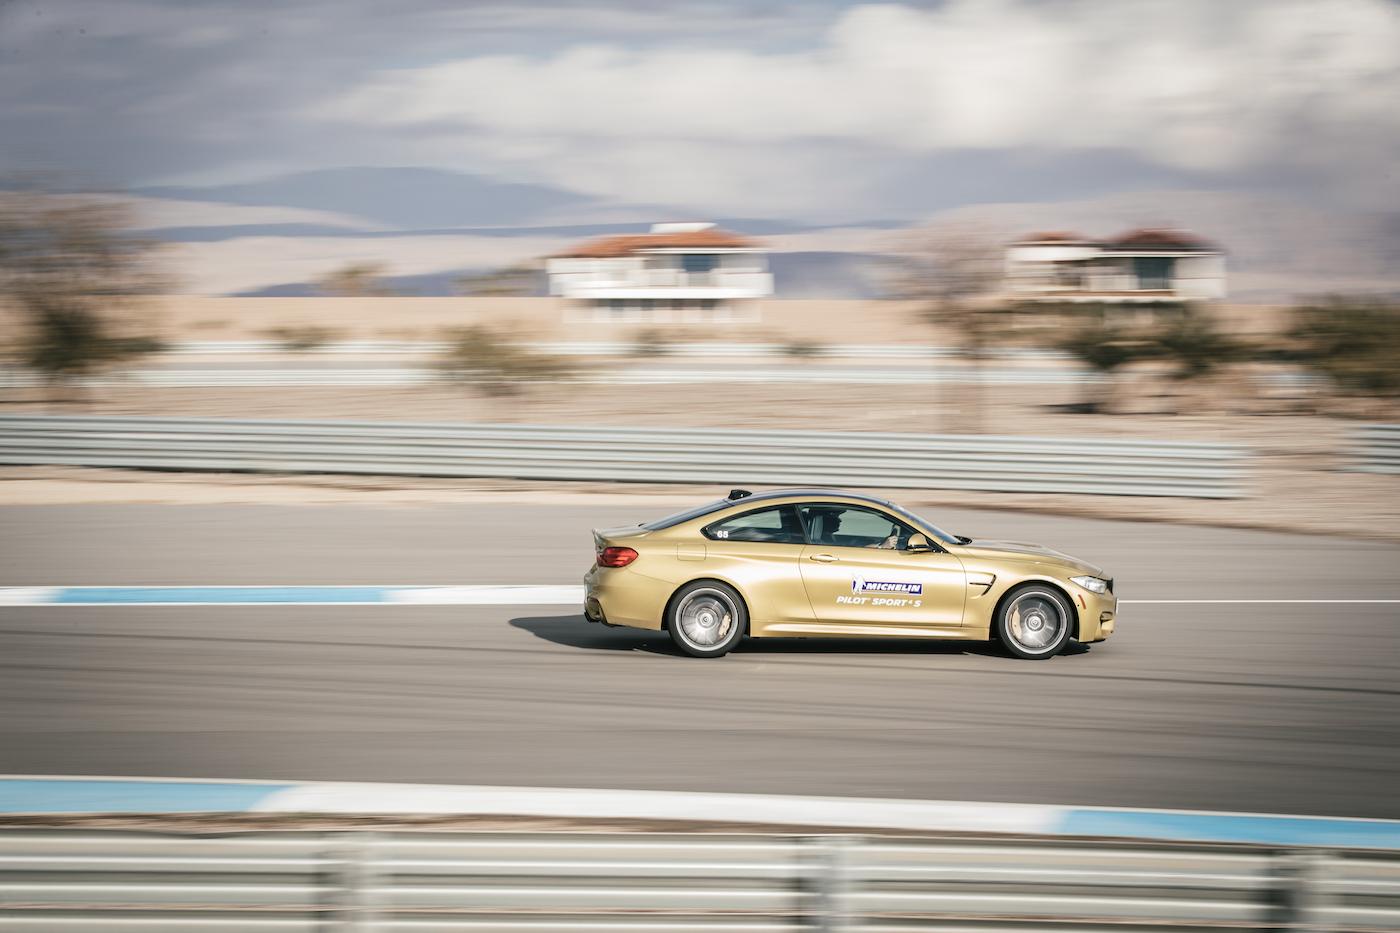 Qualmende Reifen in der kalifornischen Wüste: <br>Der Michelin Pilot Sport 4 S 13